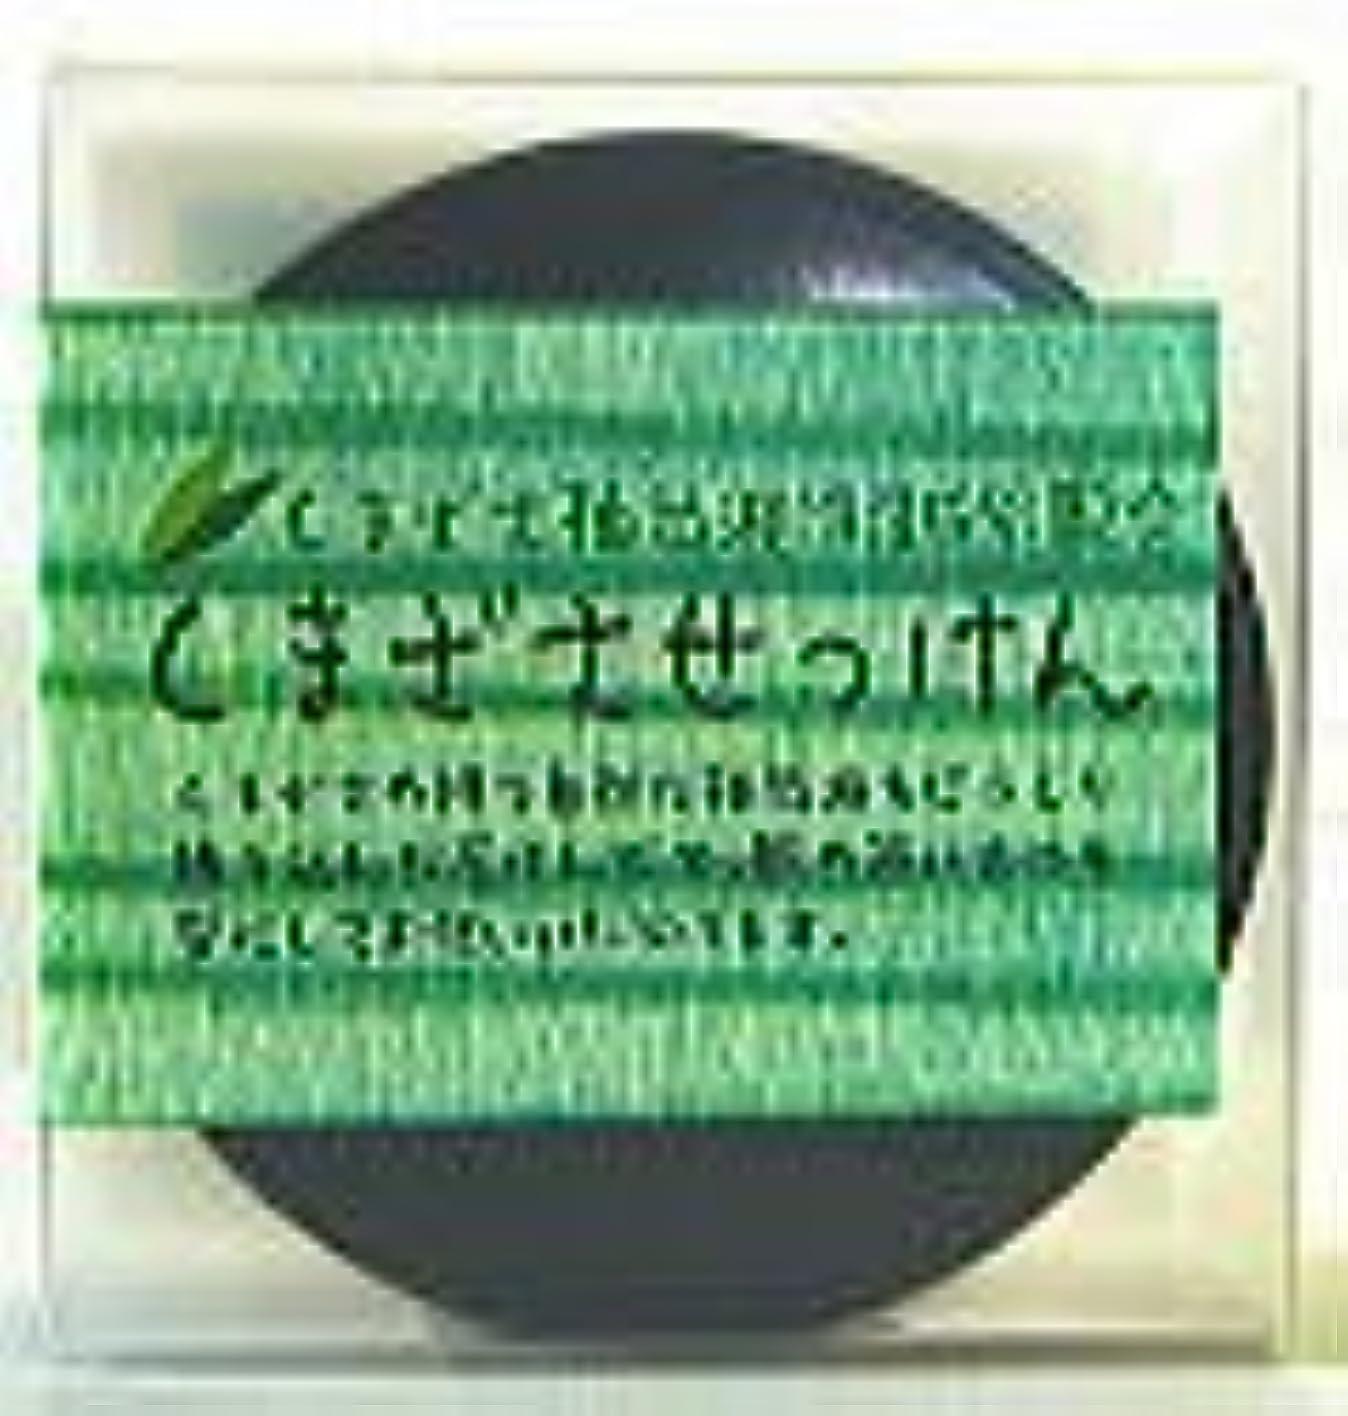 エキス鋼意気込みサンクロン クマザサ石鹸 100g×3